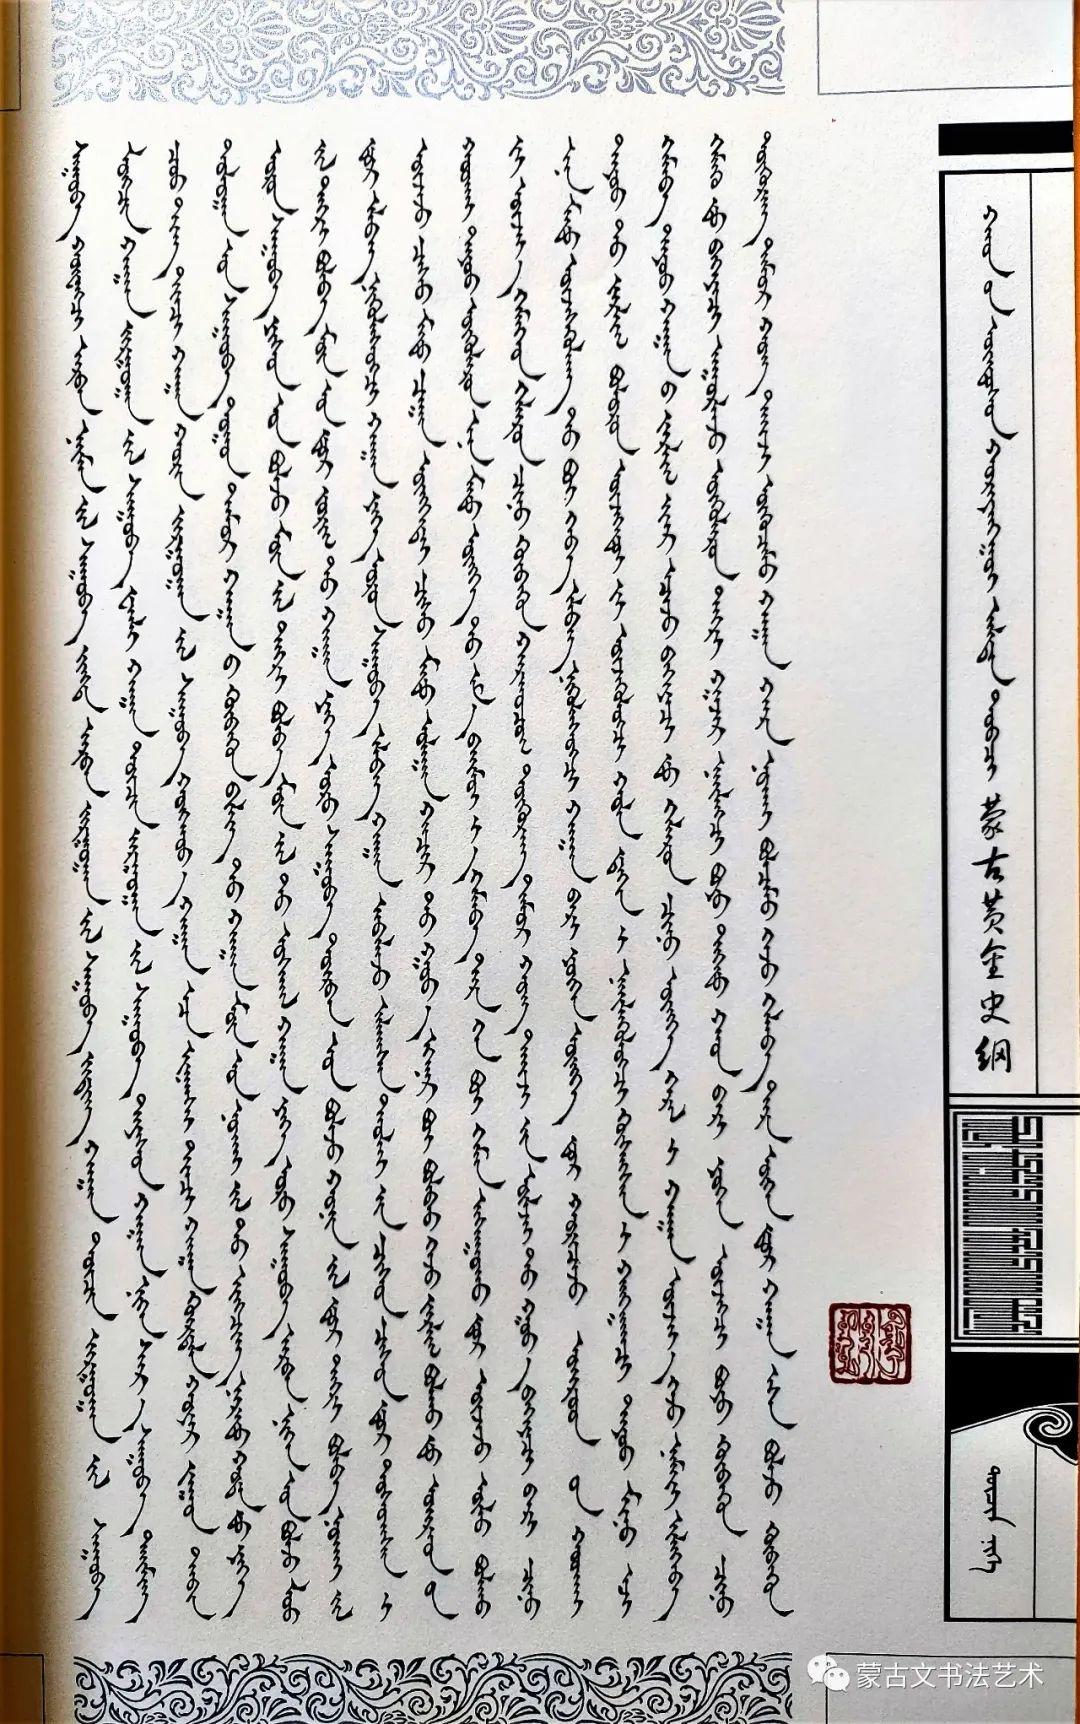 蒙古文经典文献当代书法名家手抄本之那顺德力格尔《蒙古黄金史纲》 第7张